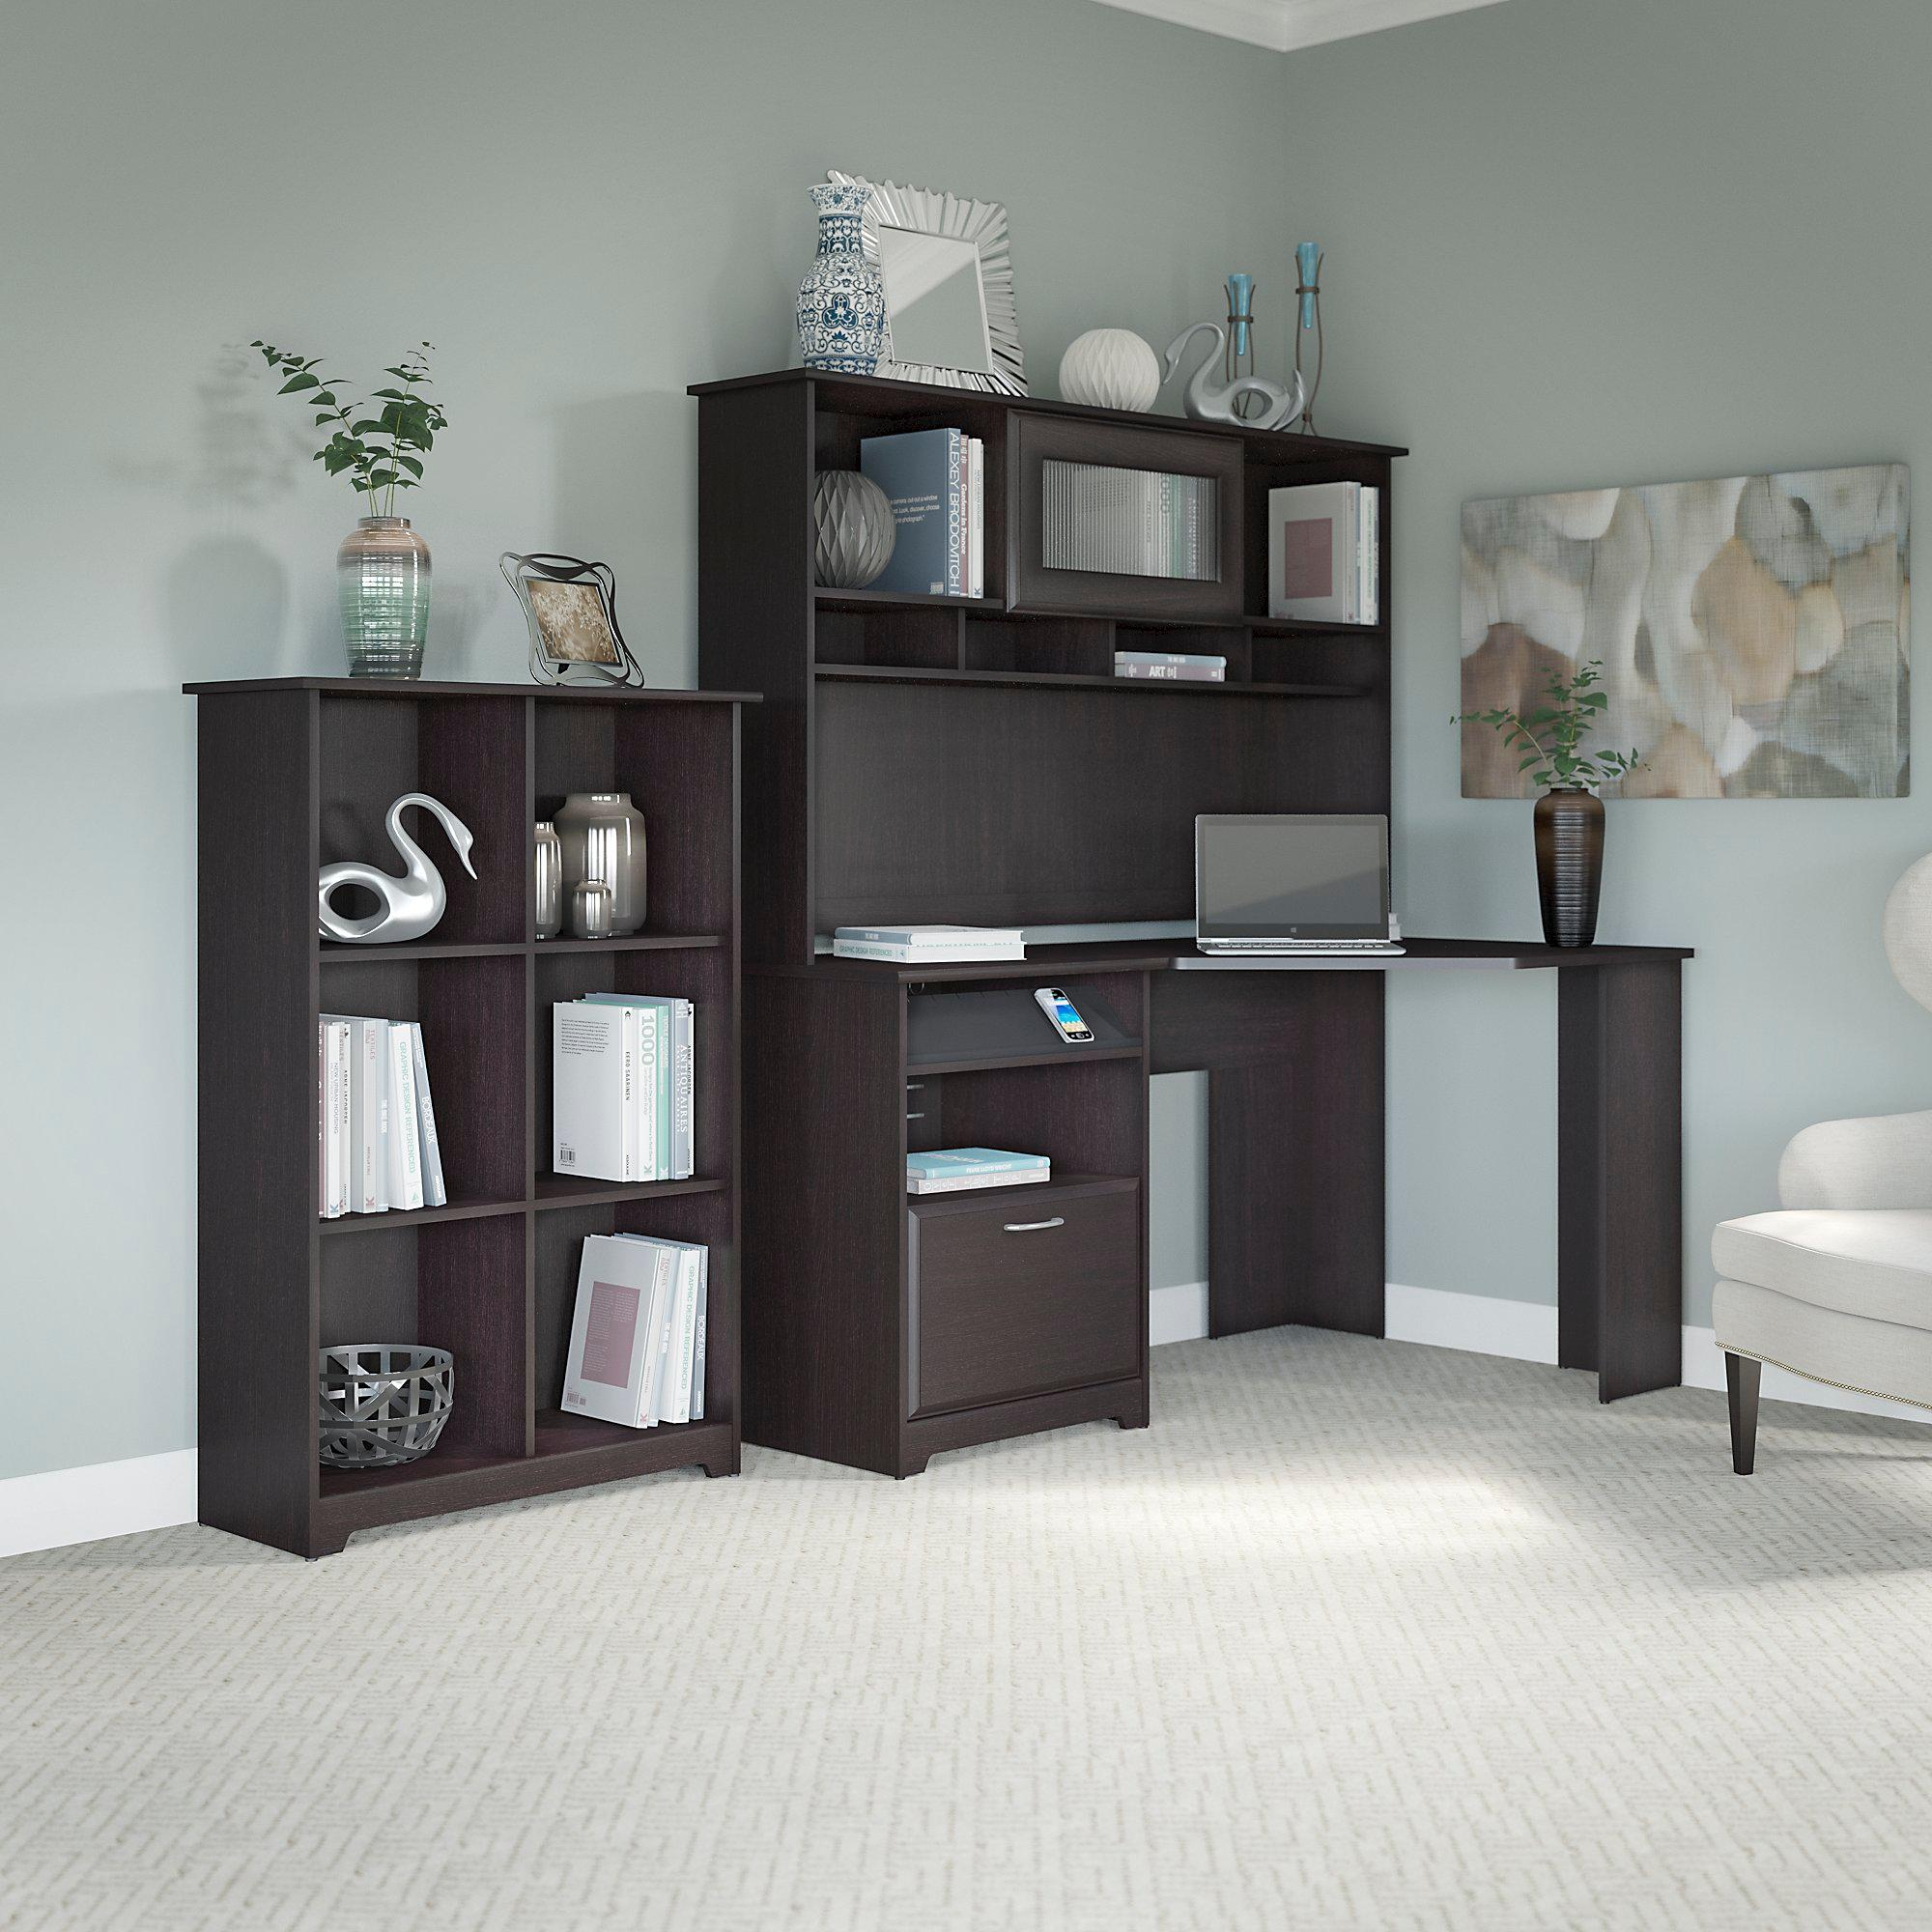 Corner Kitchen Desk Designs: Amazon.com: Cabot Corner Desk With Hutch And 6 Cube